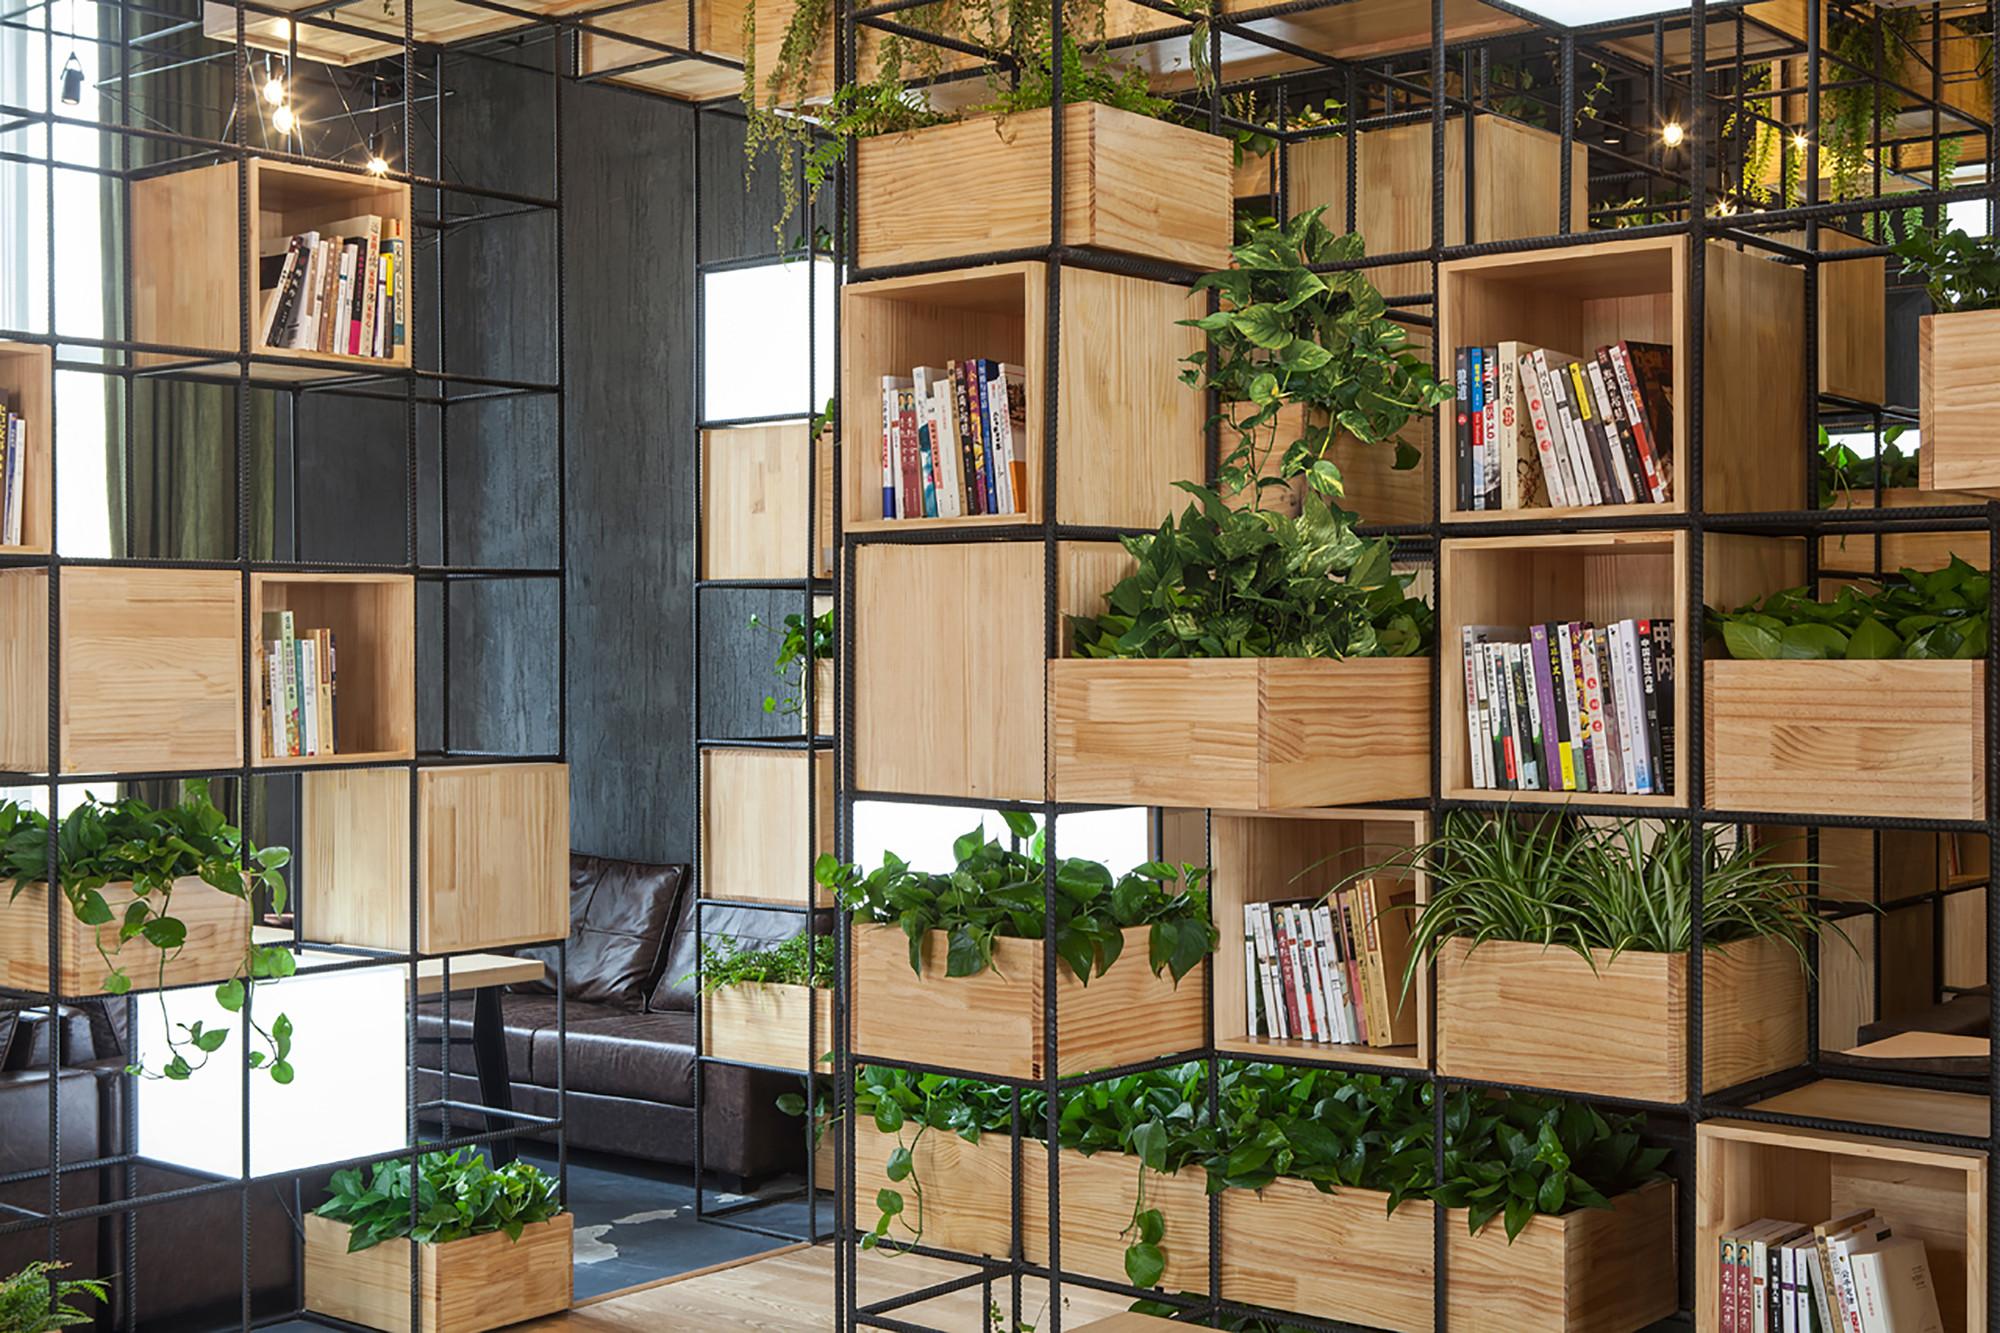 Gallery of home cafes penda 27 - Design giardino casa ...